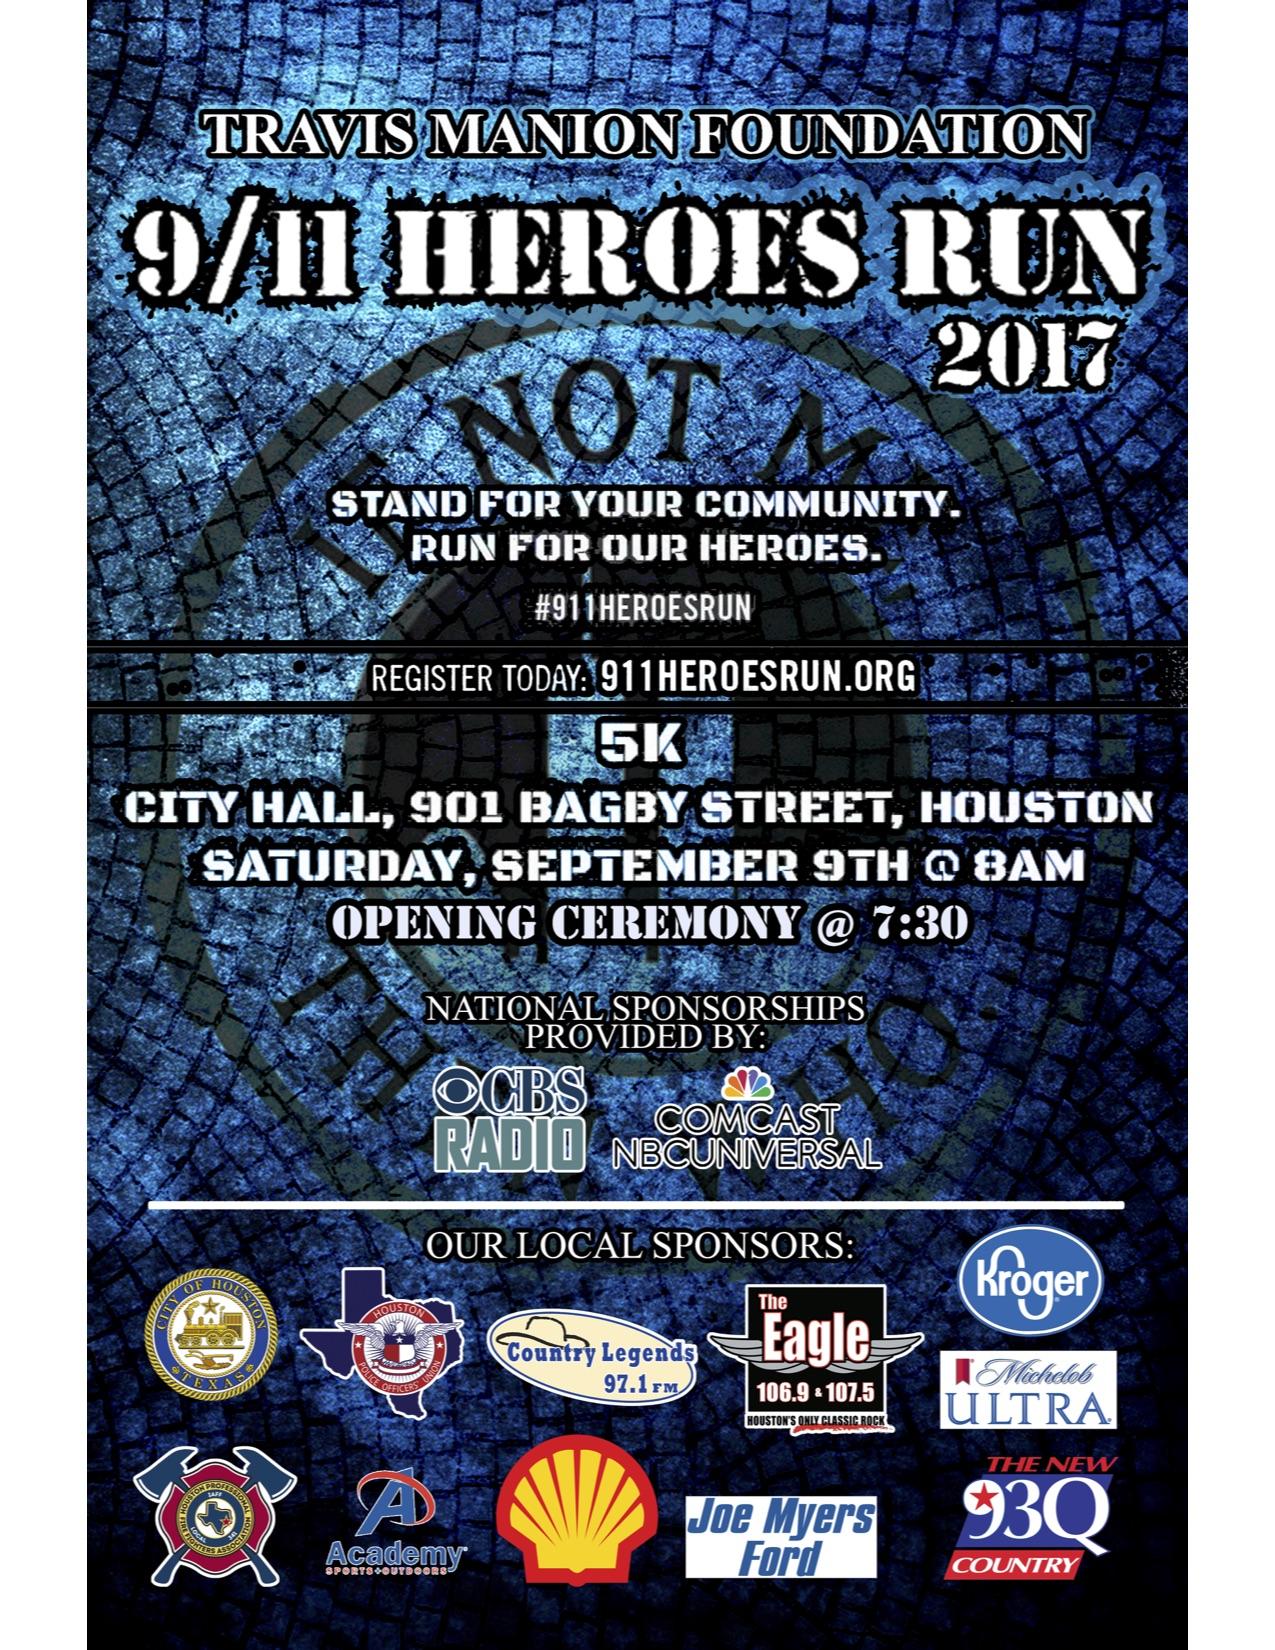 911_Heroes_Run_2017.jpg